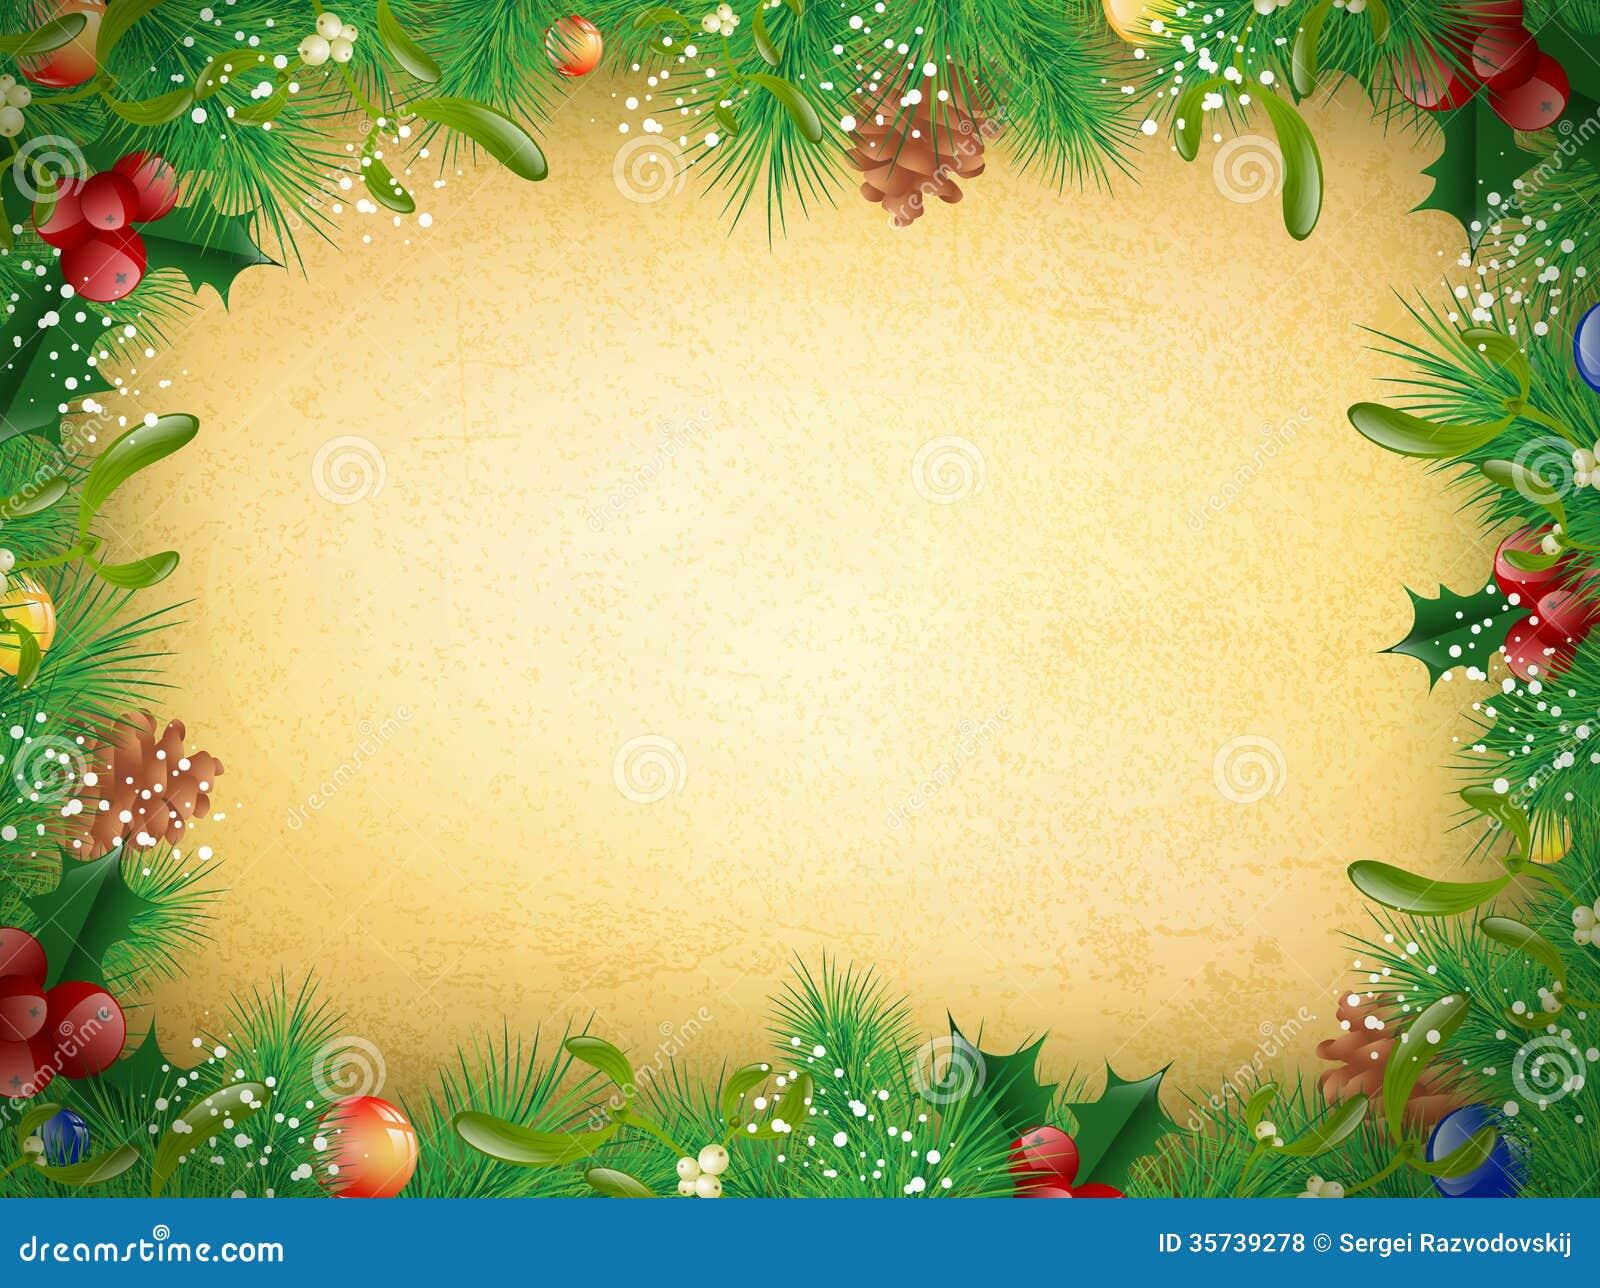 Gemütlich Weihnachten Bilder Rahmen Zeitgenössisch ...